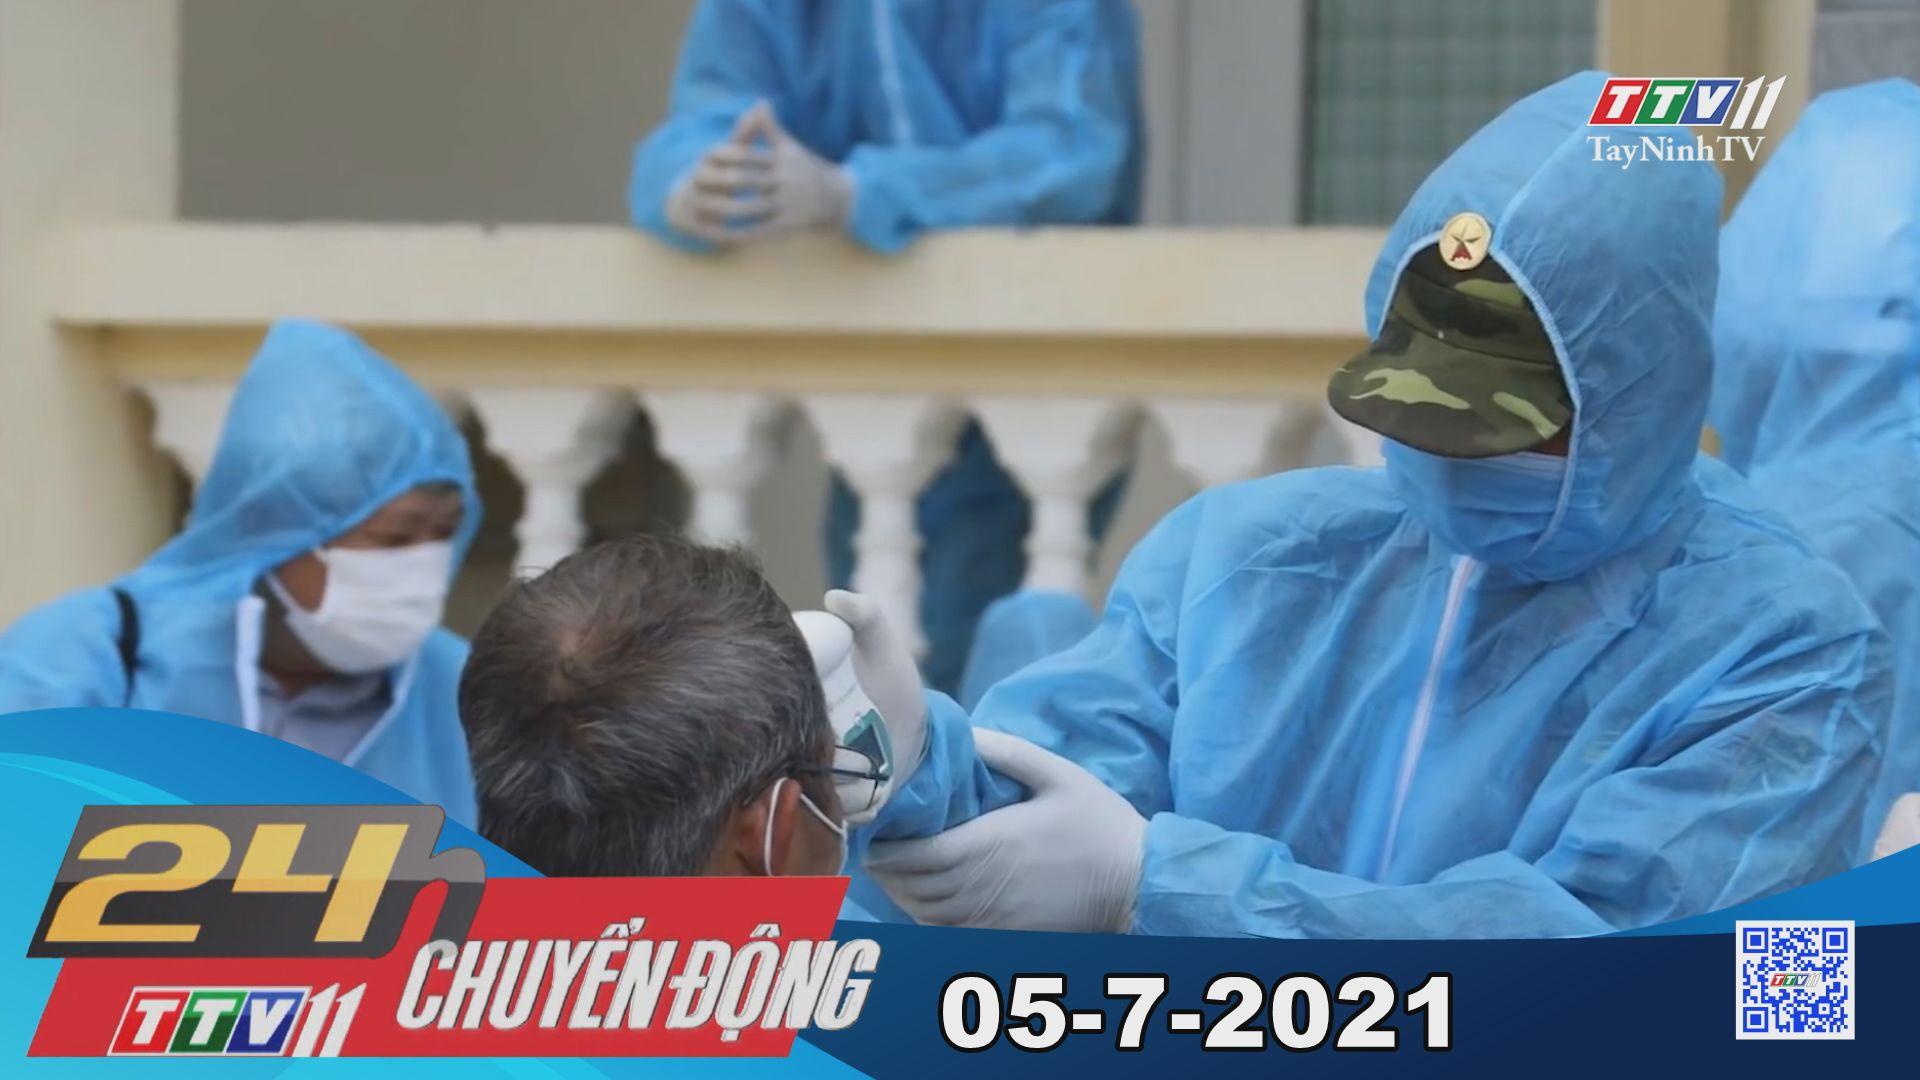 24h Chuyển động 05-7-2021   Tin tức hôm nay   TayNinhTV